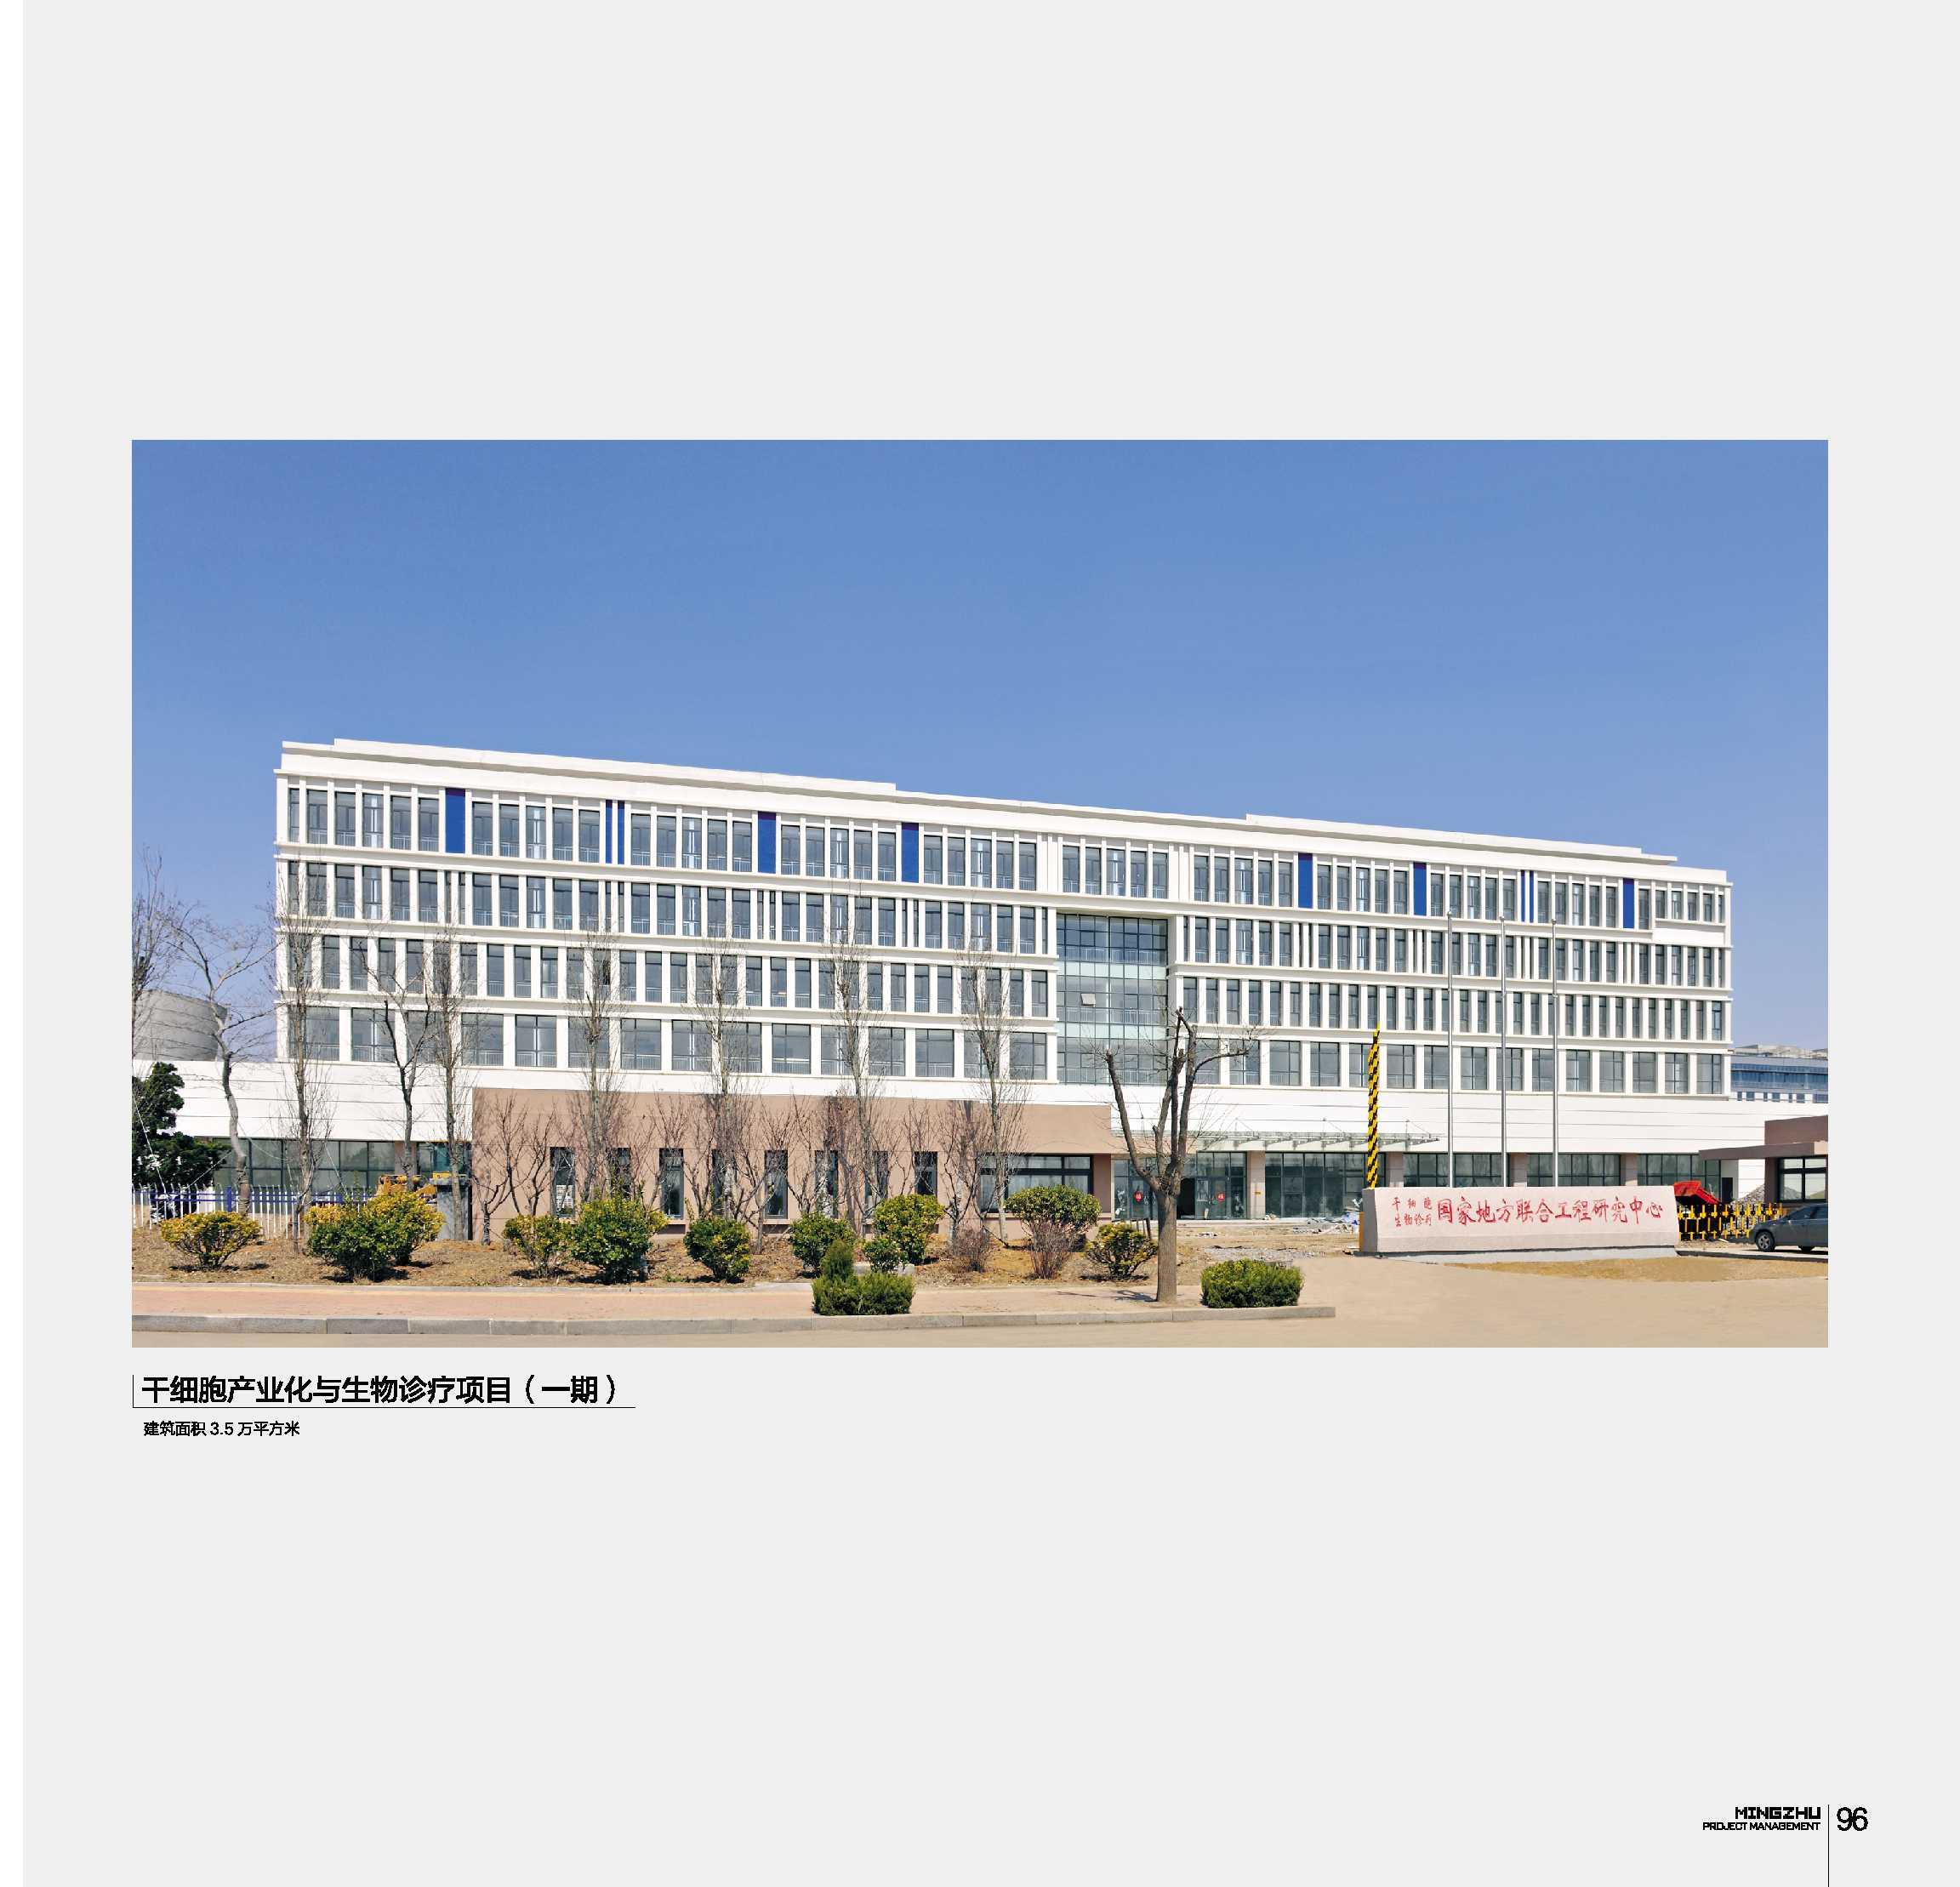 干细胞产业化与生物诊疗项目(一期)